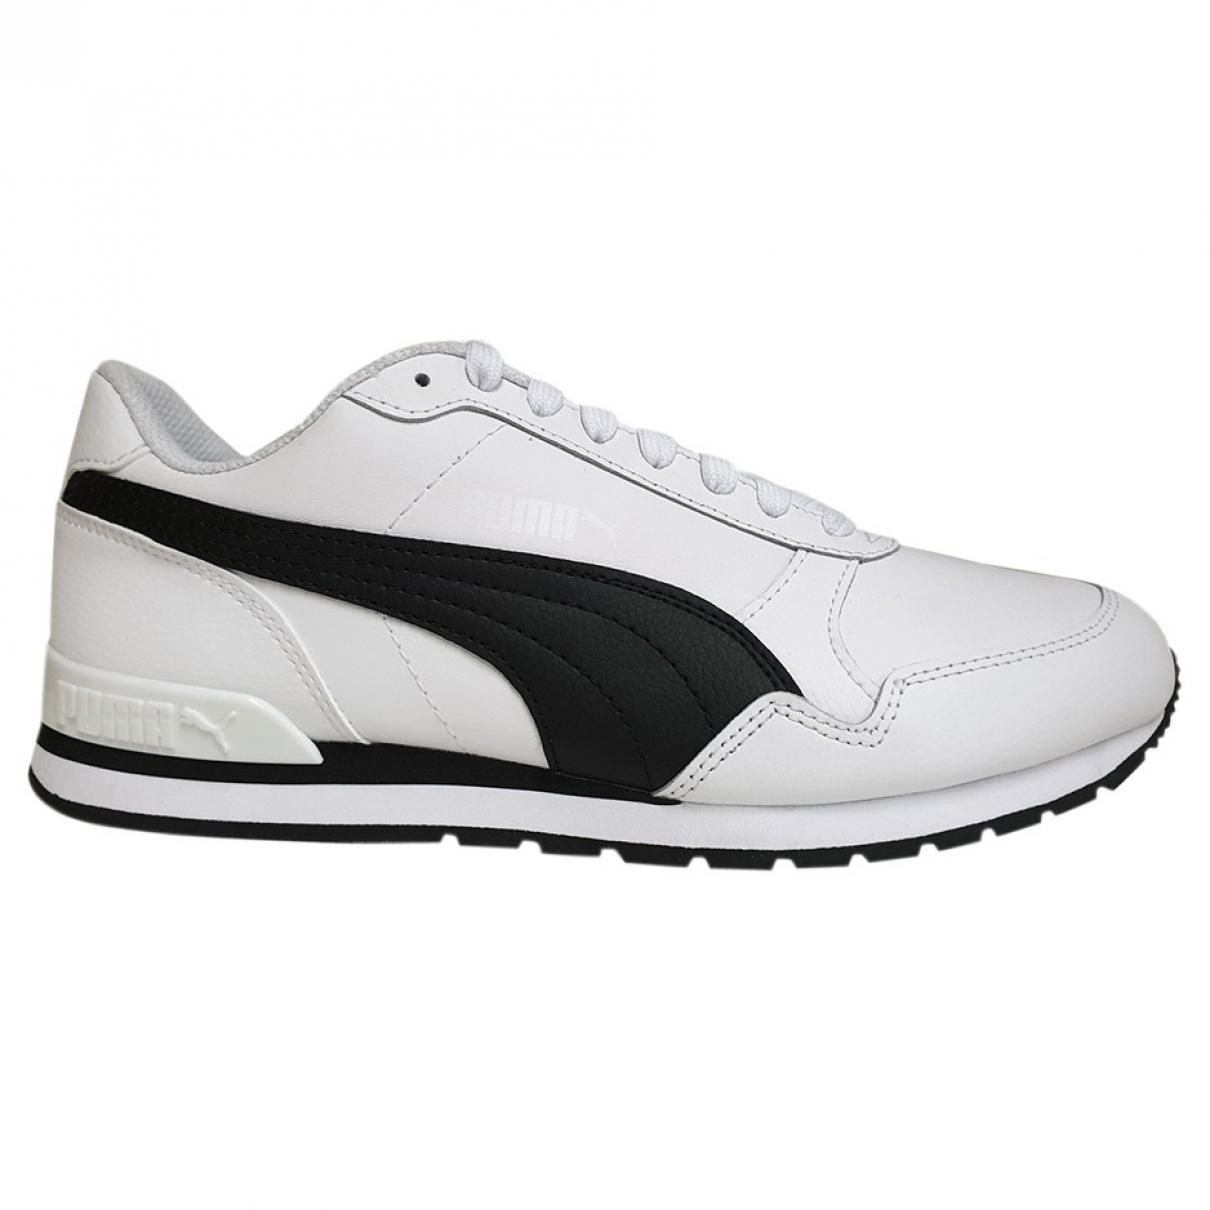 Puma - Baskets   pour homme en cuir - blanc